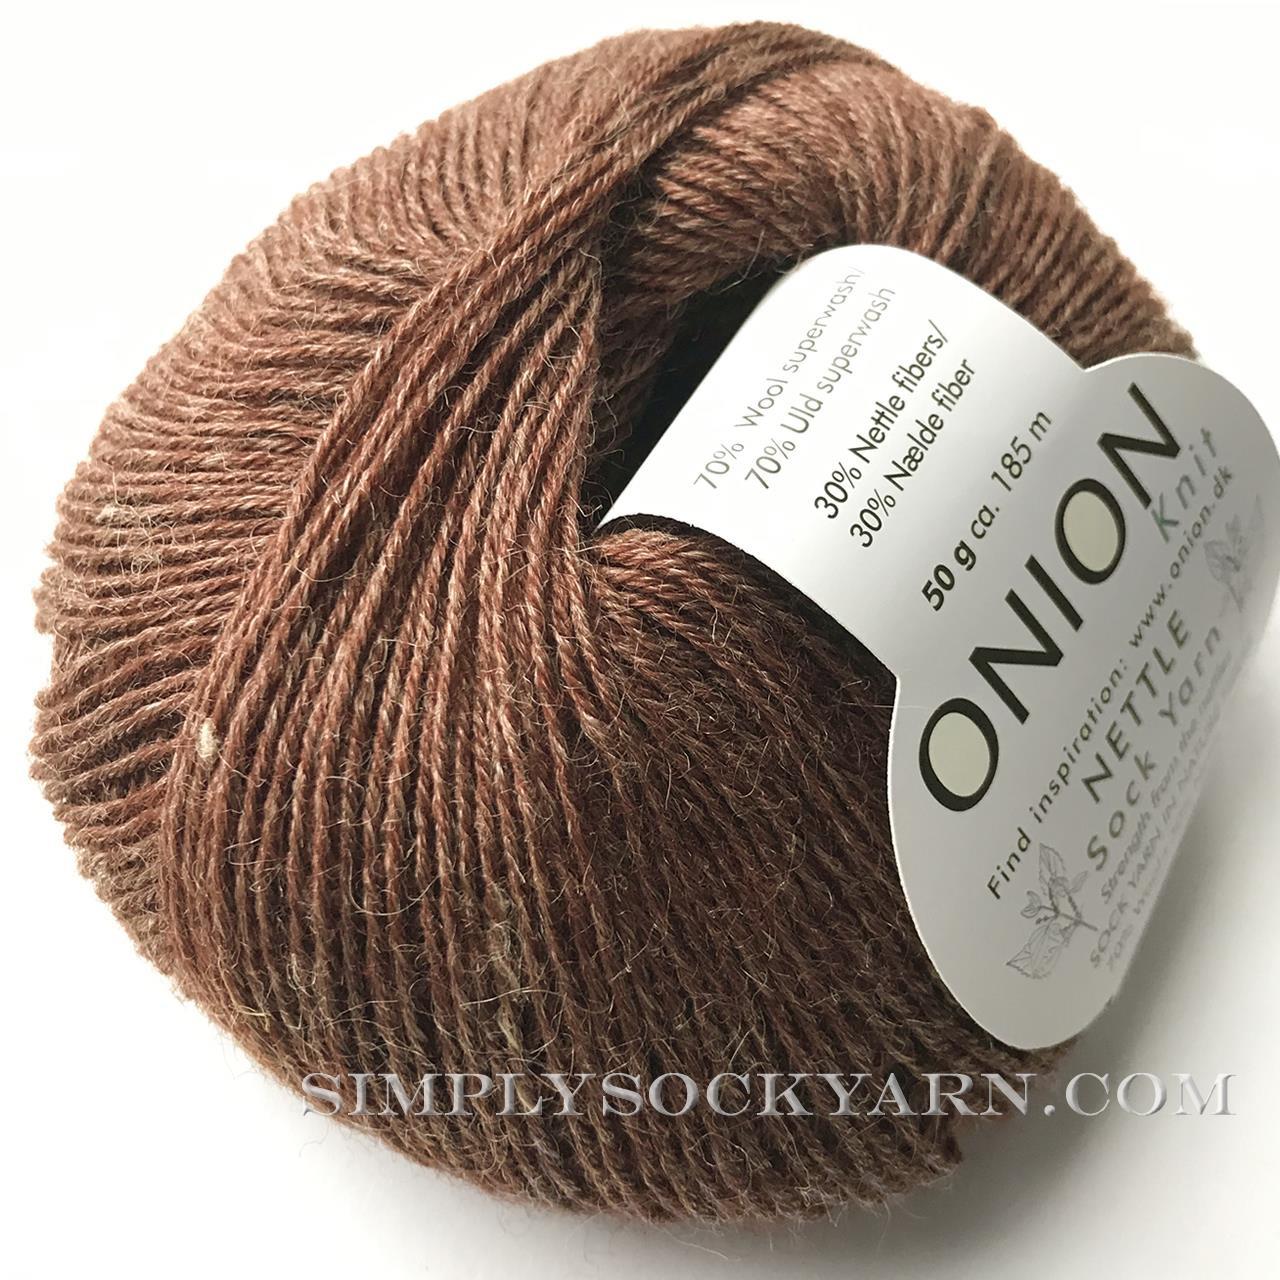 OY Nettle Sock 1033 Golden Brn -